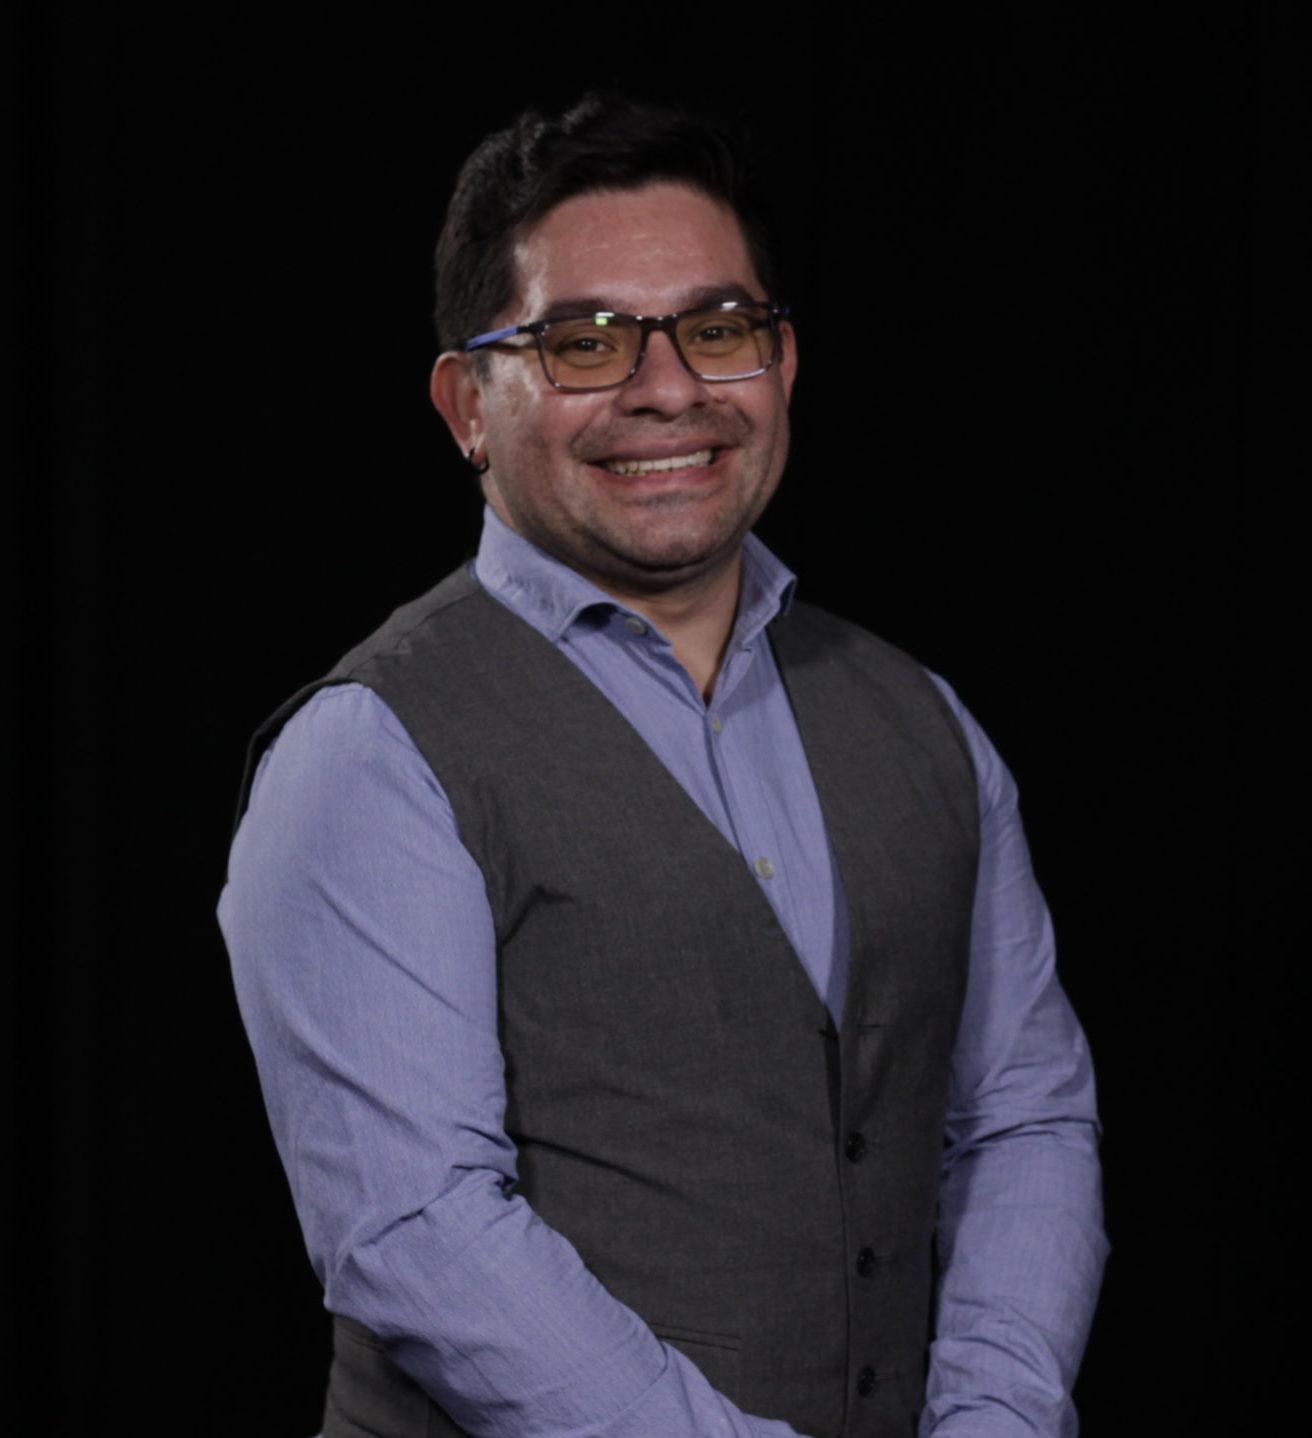 Michael León Delgado